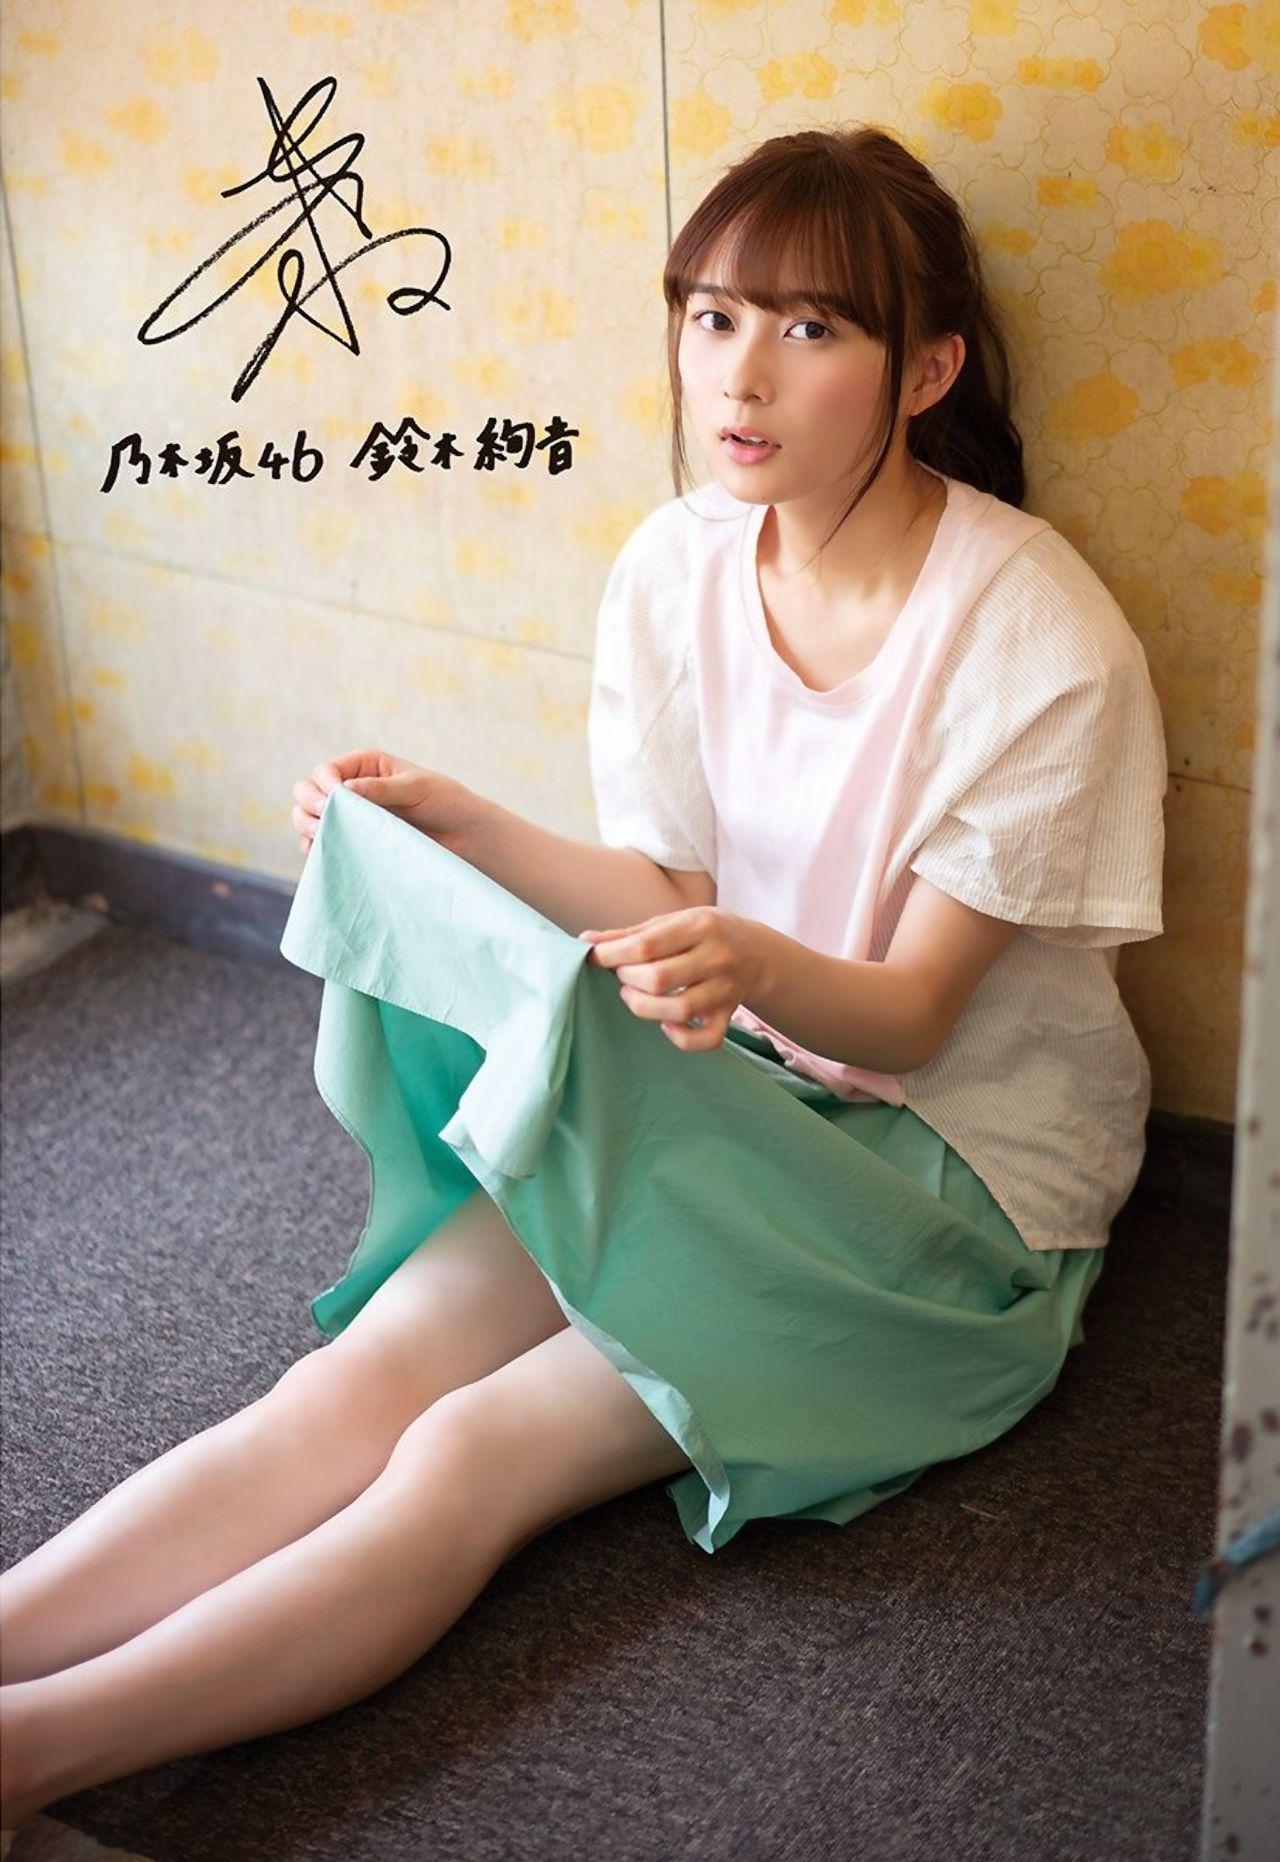 鈴木絢音30